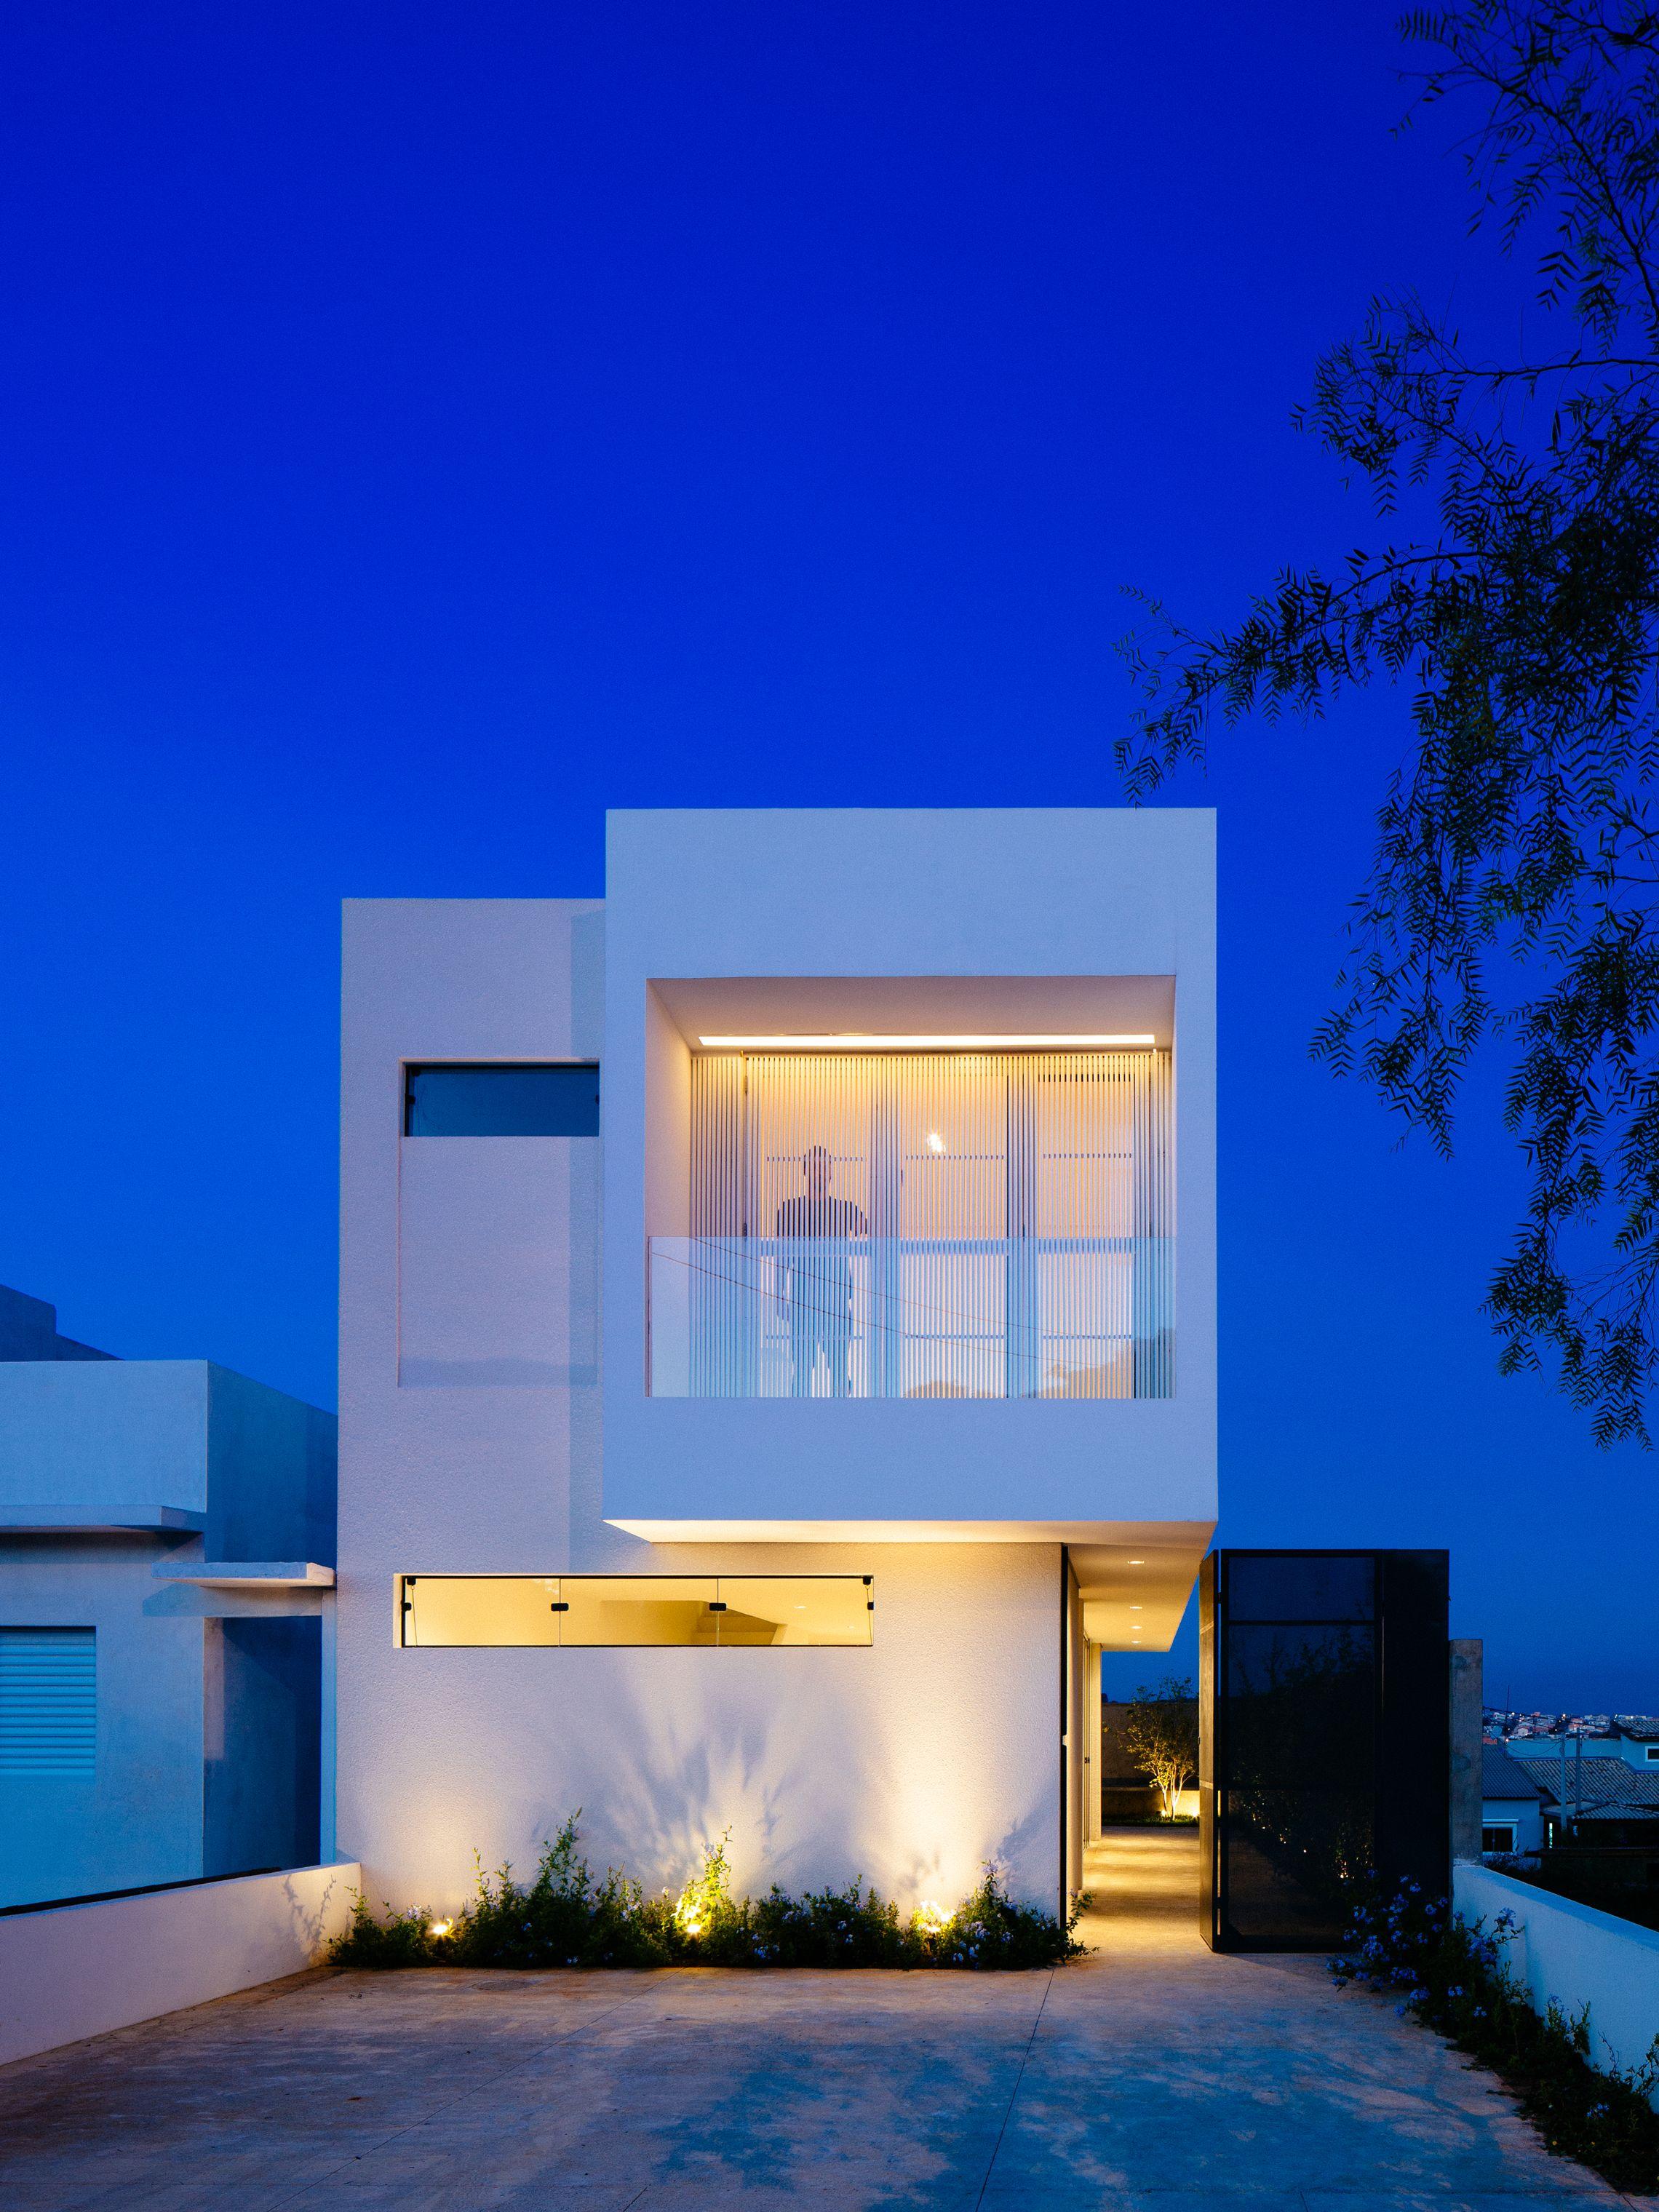 Sencilla casa de dos pisos construida en terreno peque o - Disenos interiores de casas ...